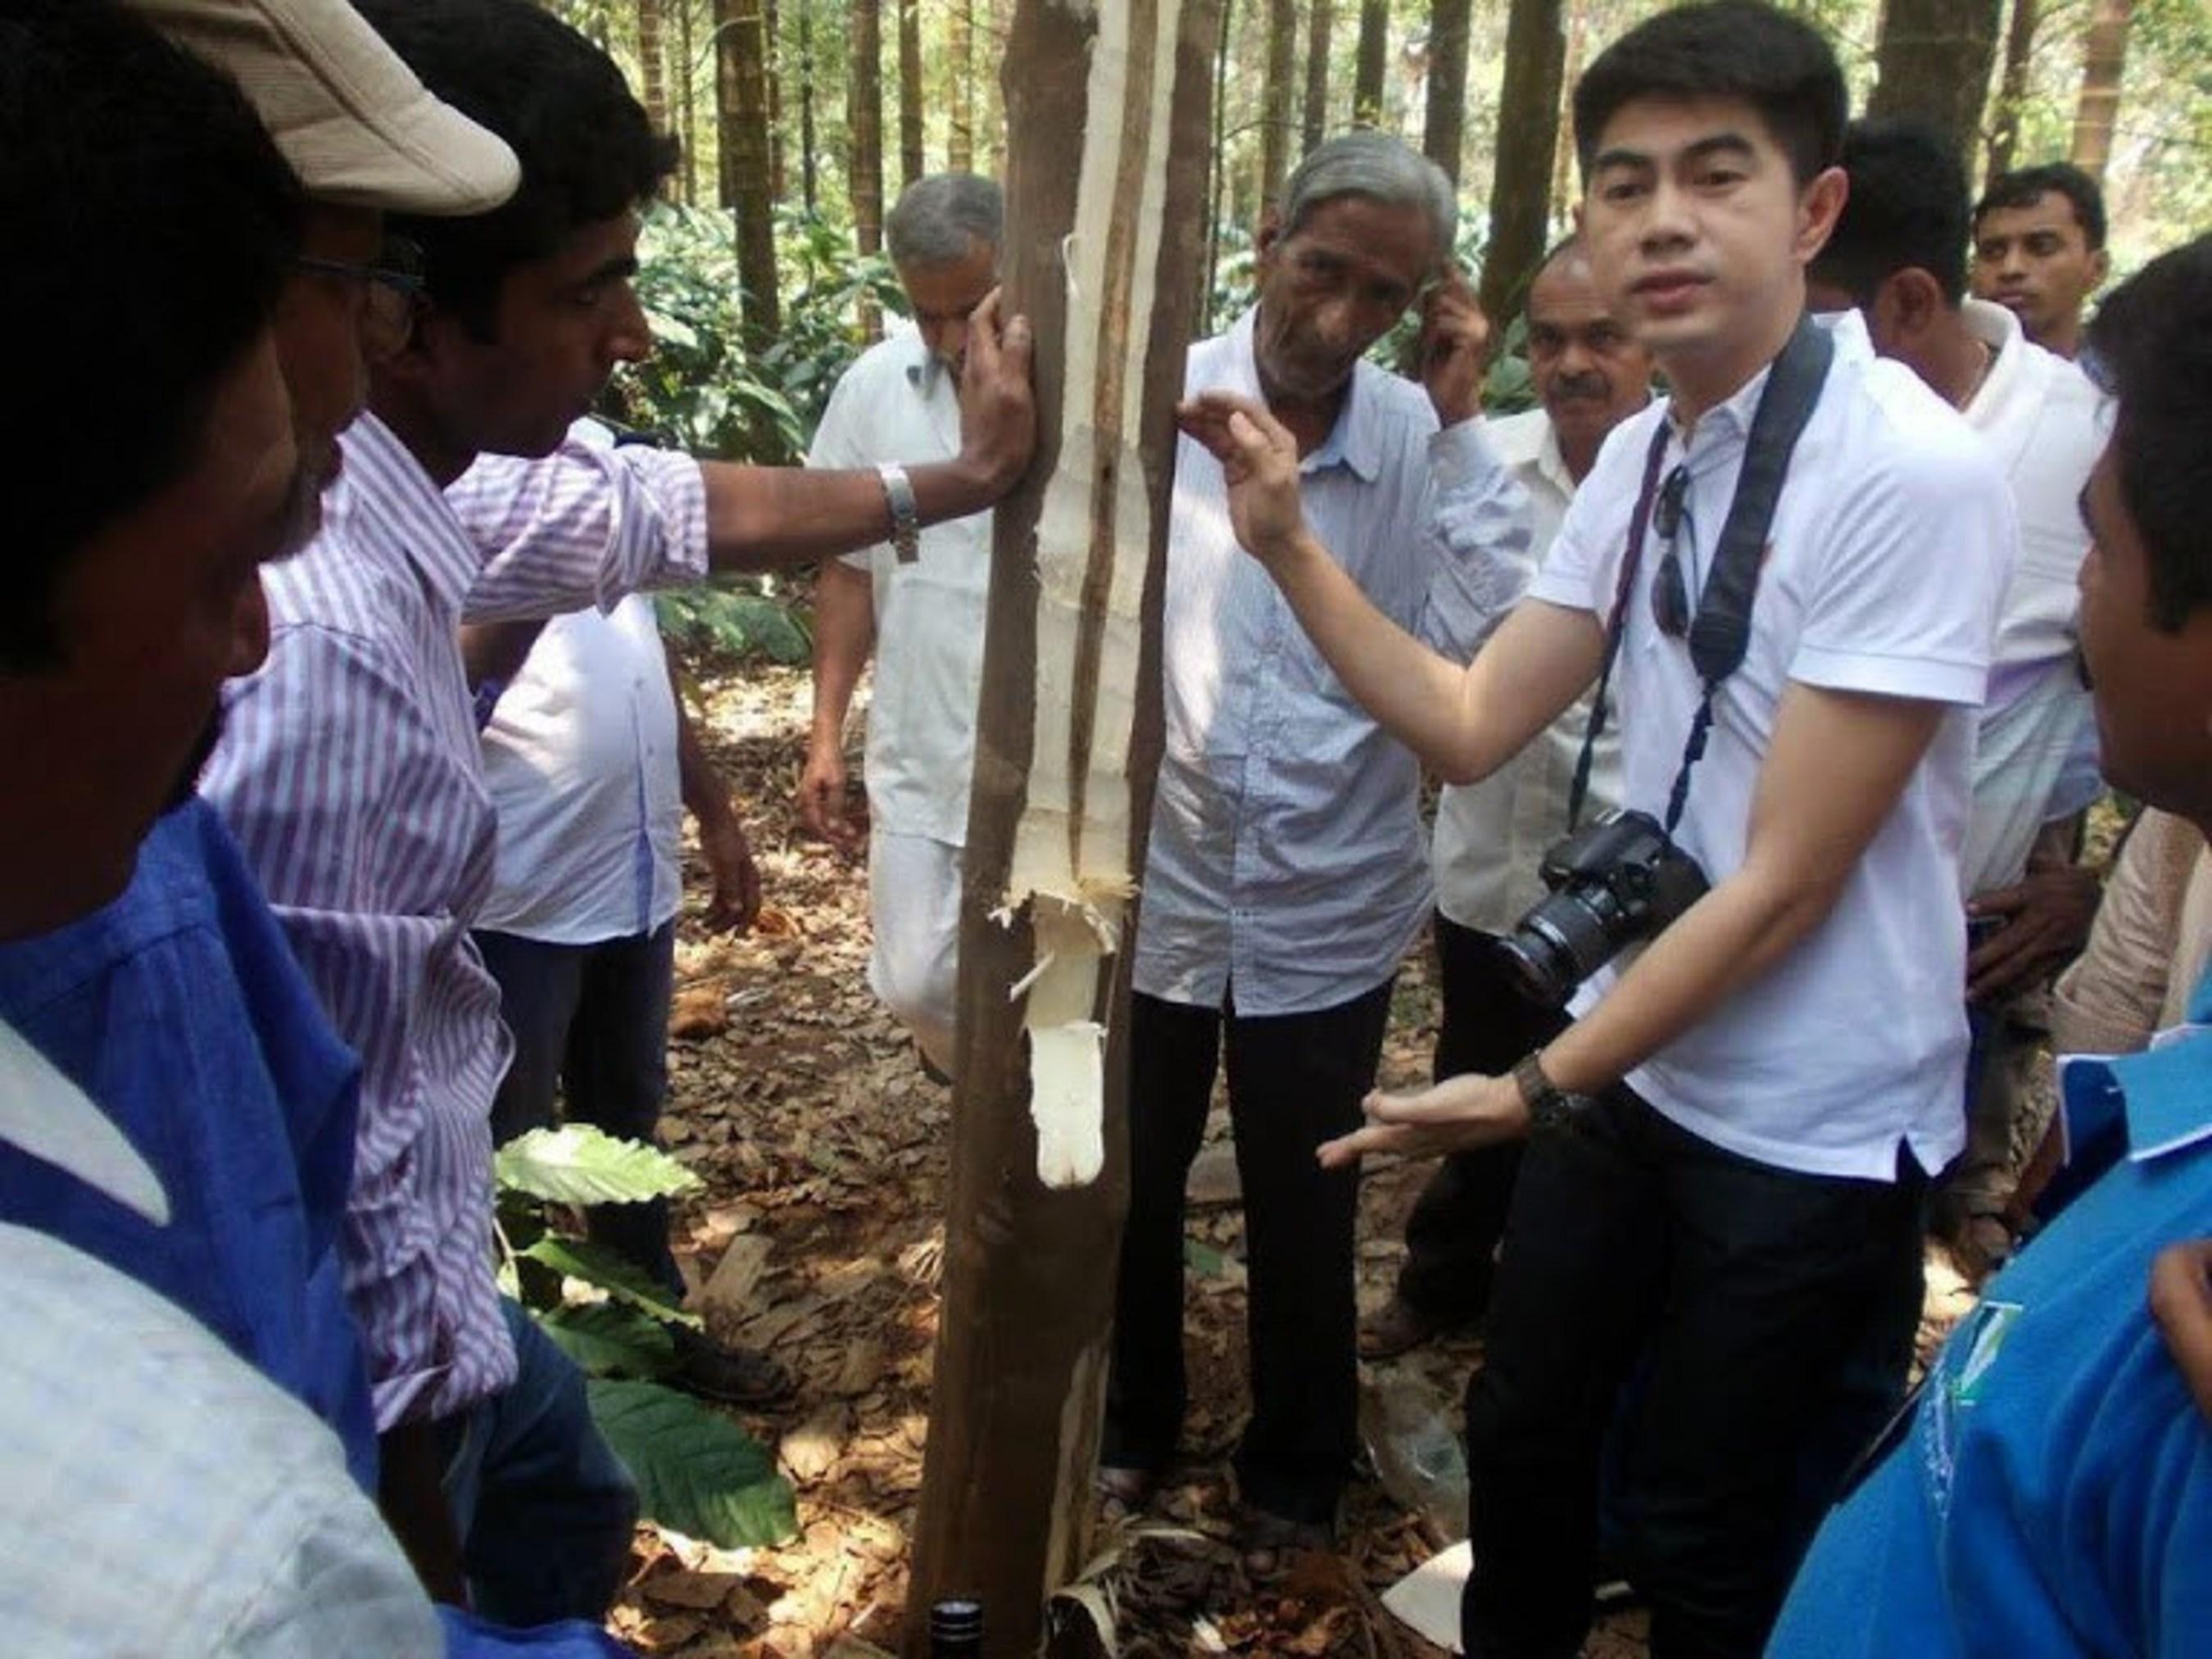 Asia Plantation Capital ouvre la voie en favorisant l'oud durable dans la nature